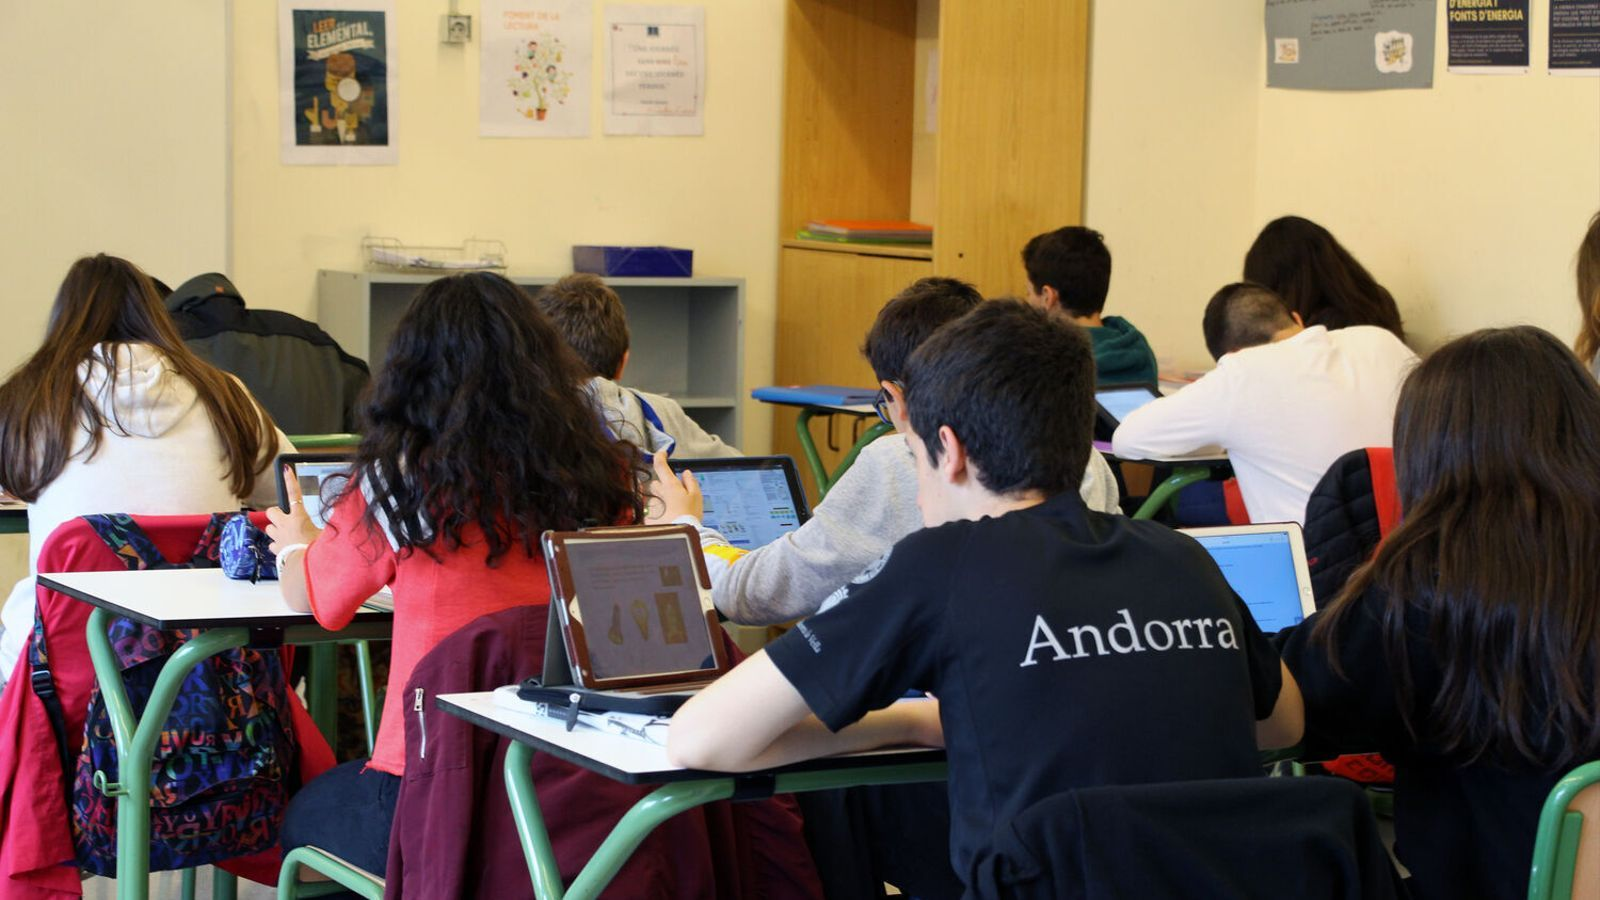 Una aula de l'escola andorrana en una imatge d'arxiu